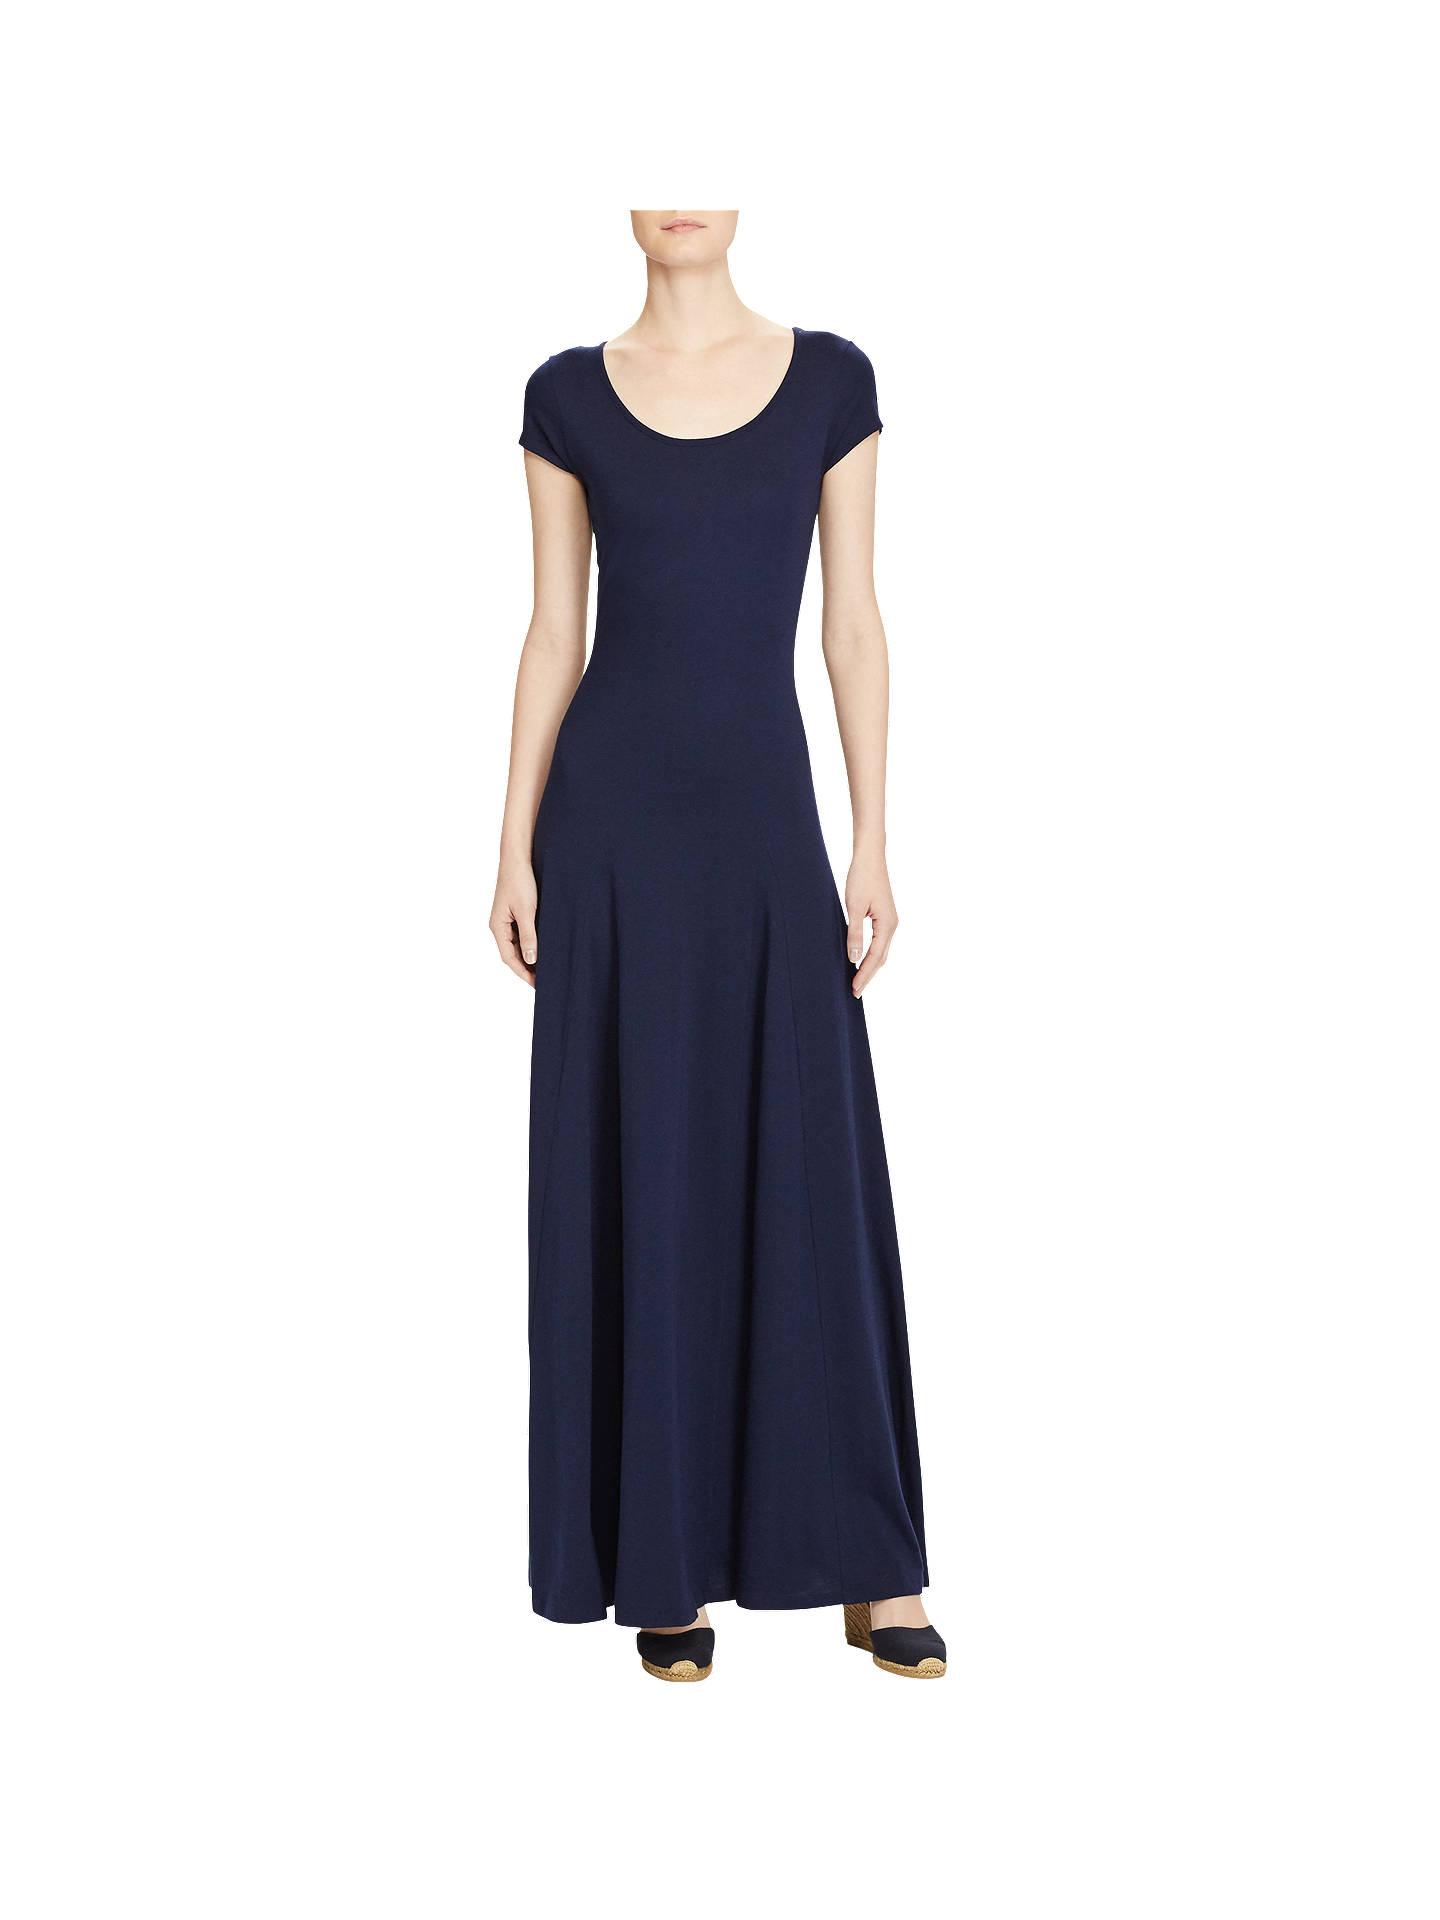 4afe8e43792 Buy Lauren Ralph Lauren Jersey Scoopneck Maxi Dress